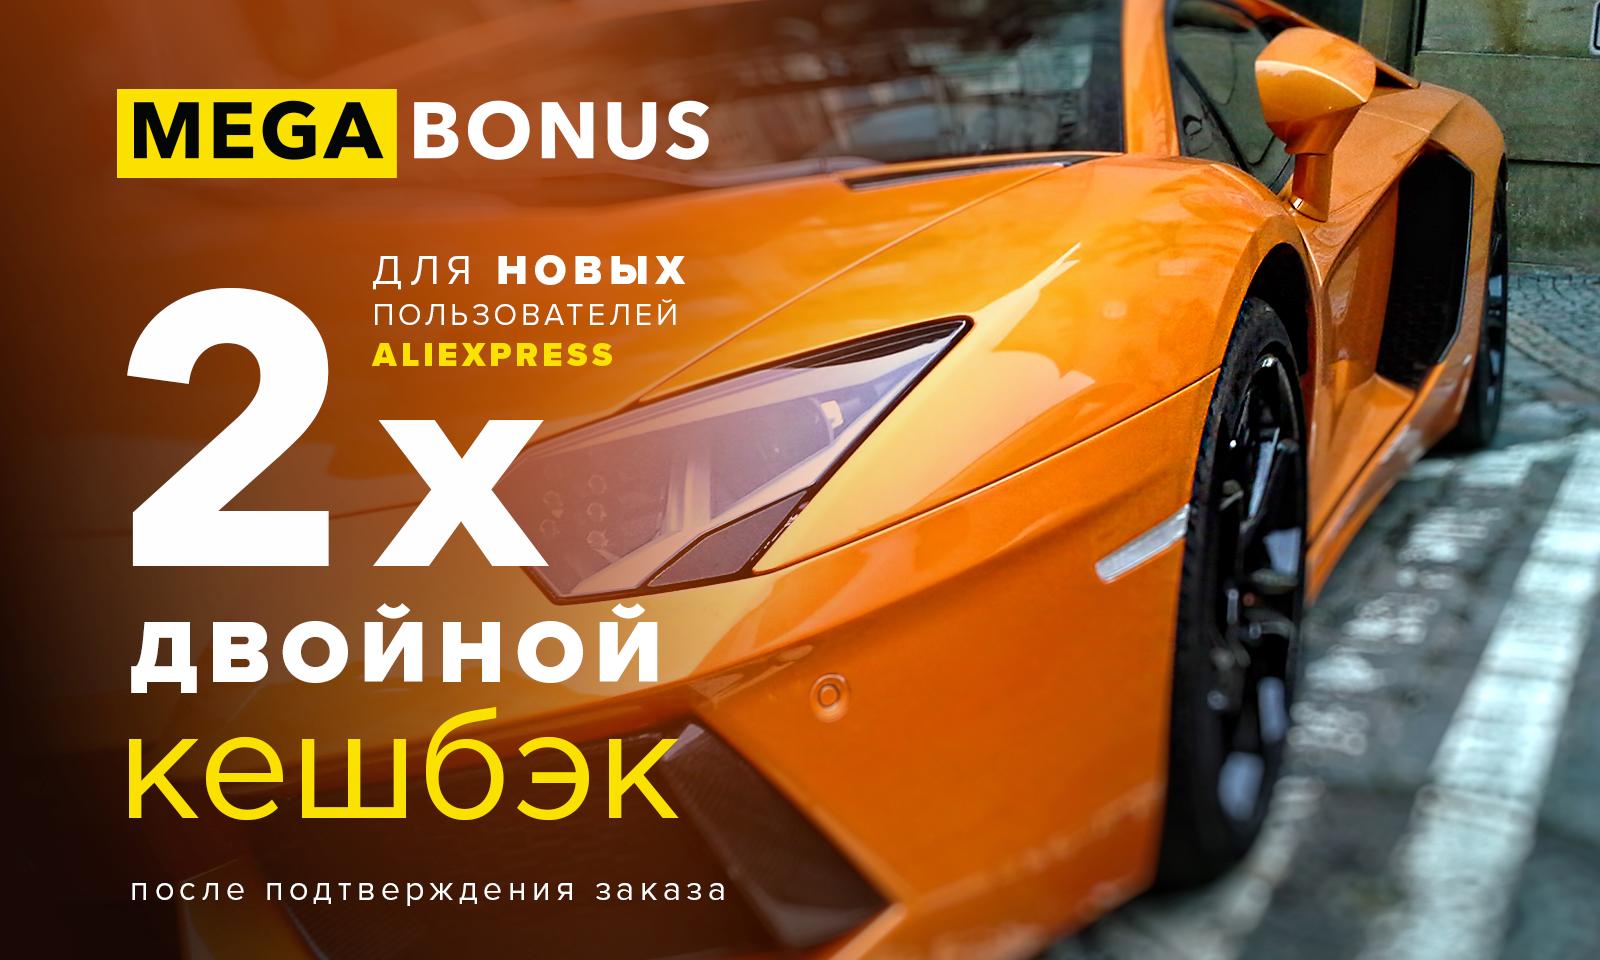 АвтоМужской-плакат-copy-2